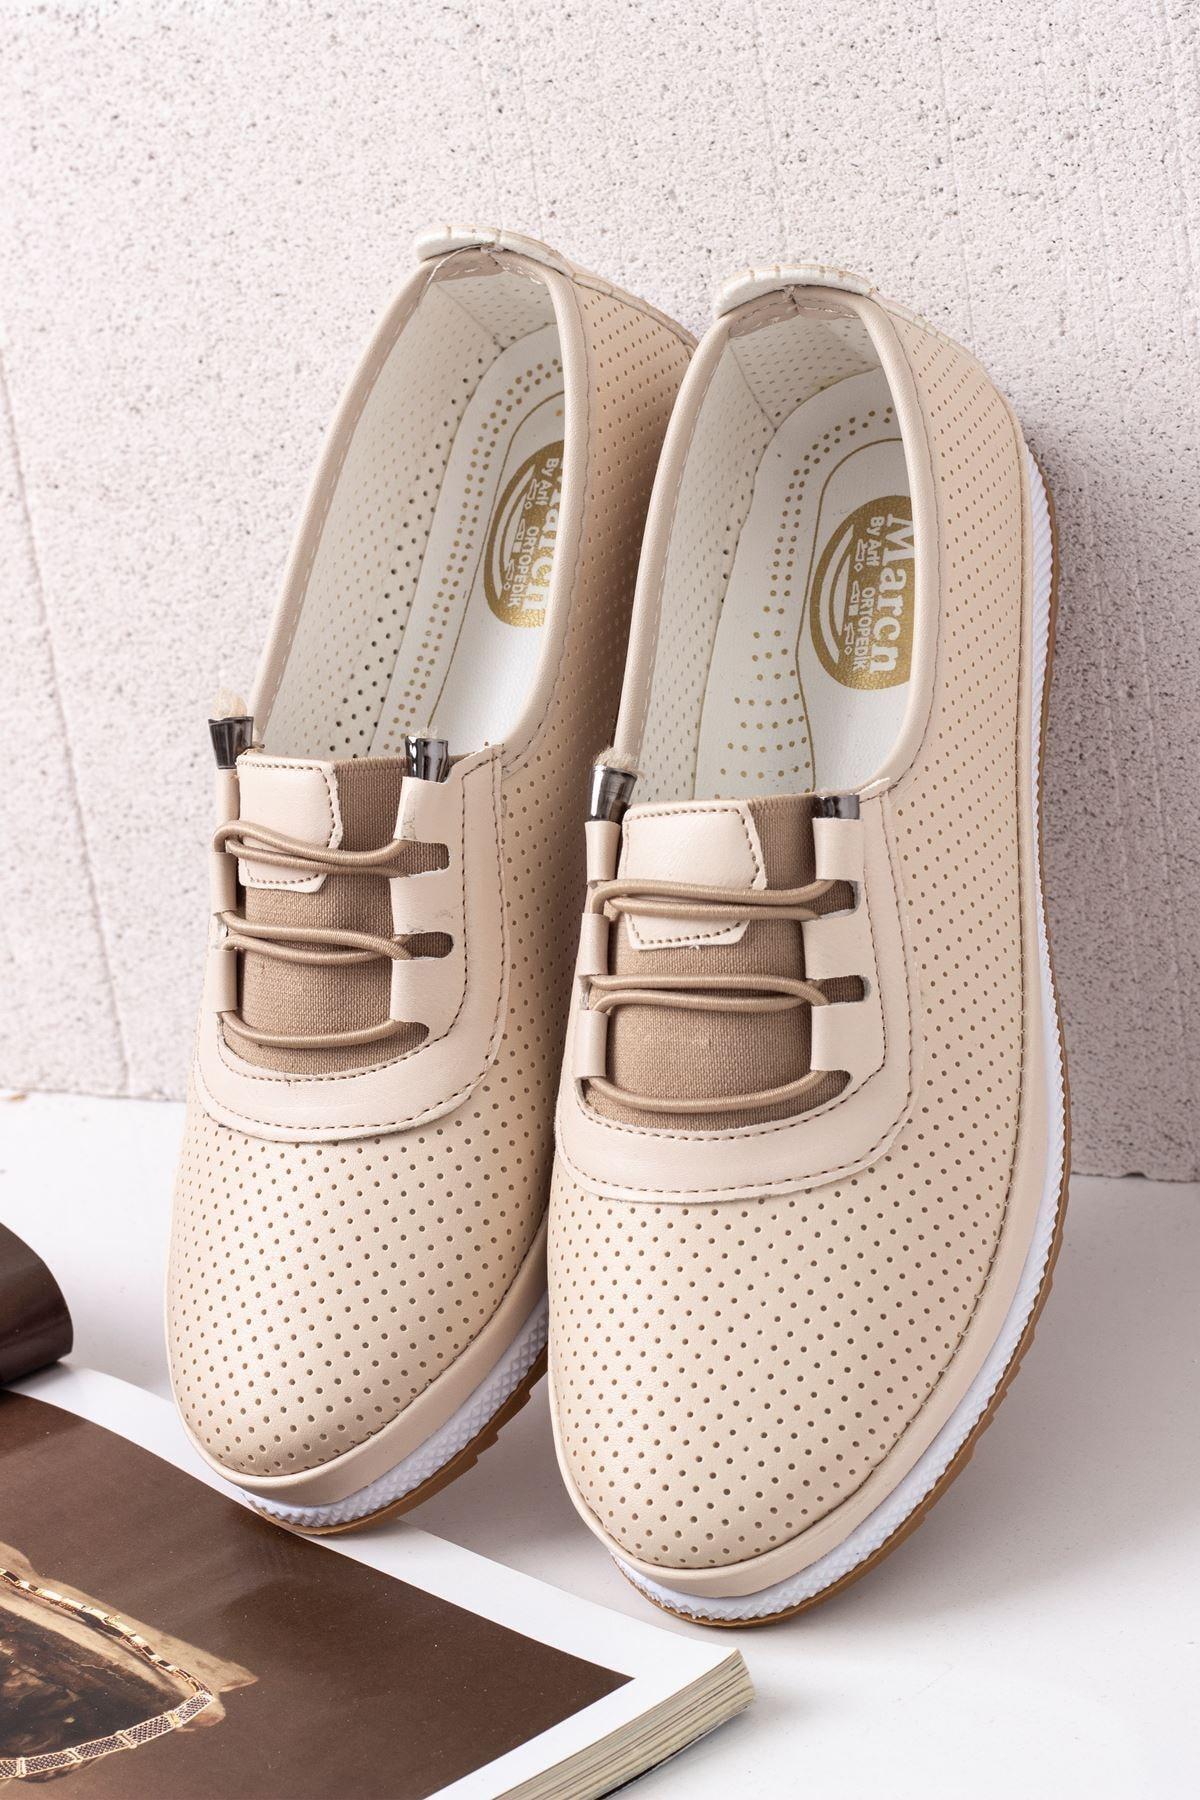 Kadın Rahat Ortopedik Babet Ayakkabı-krem